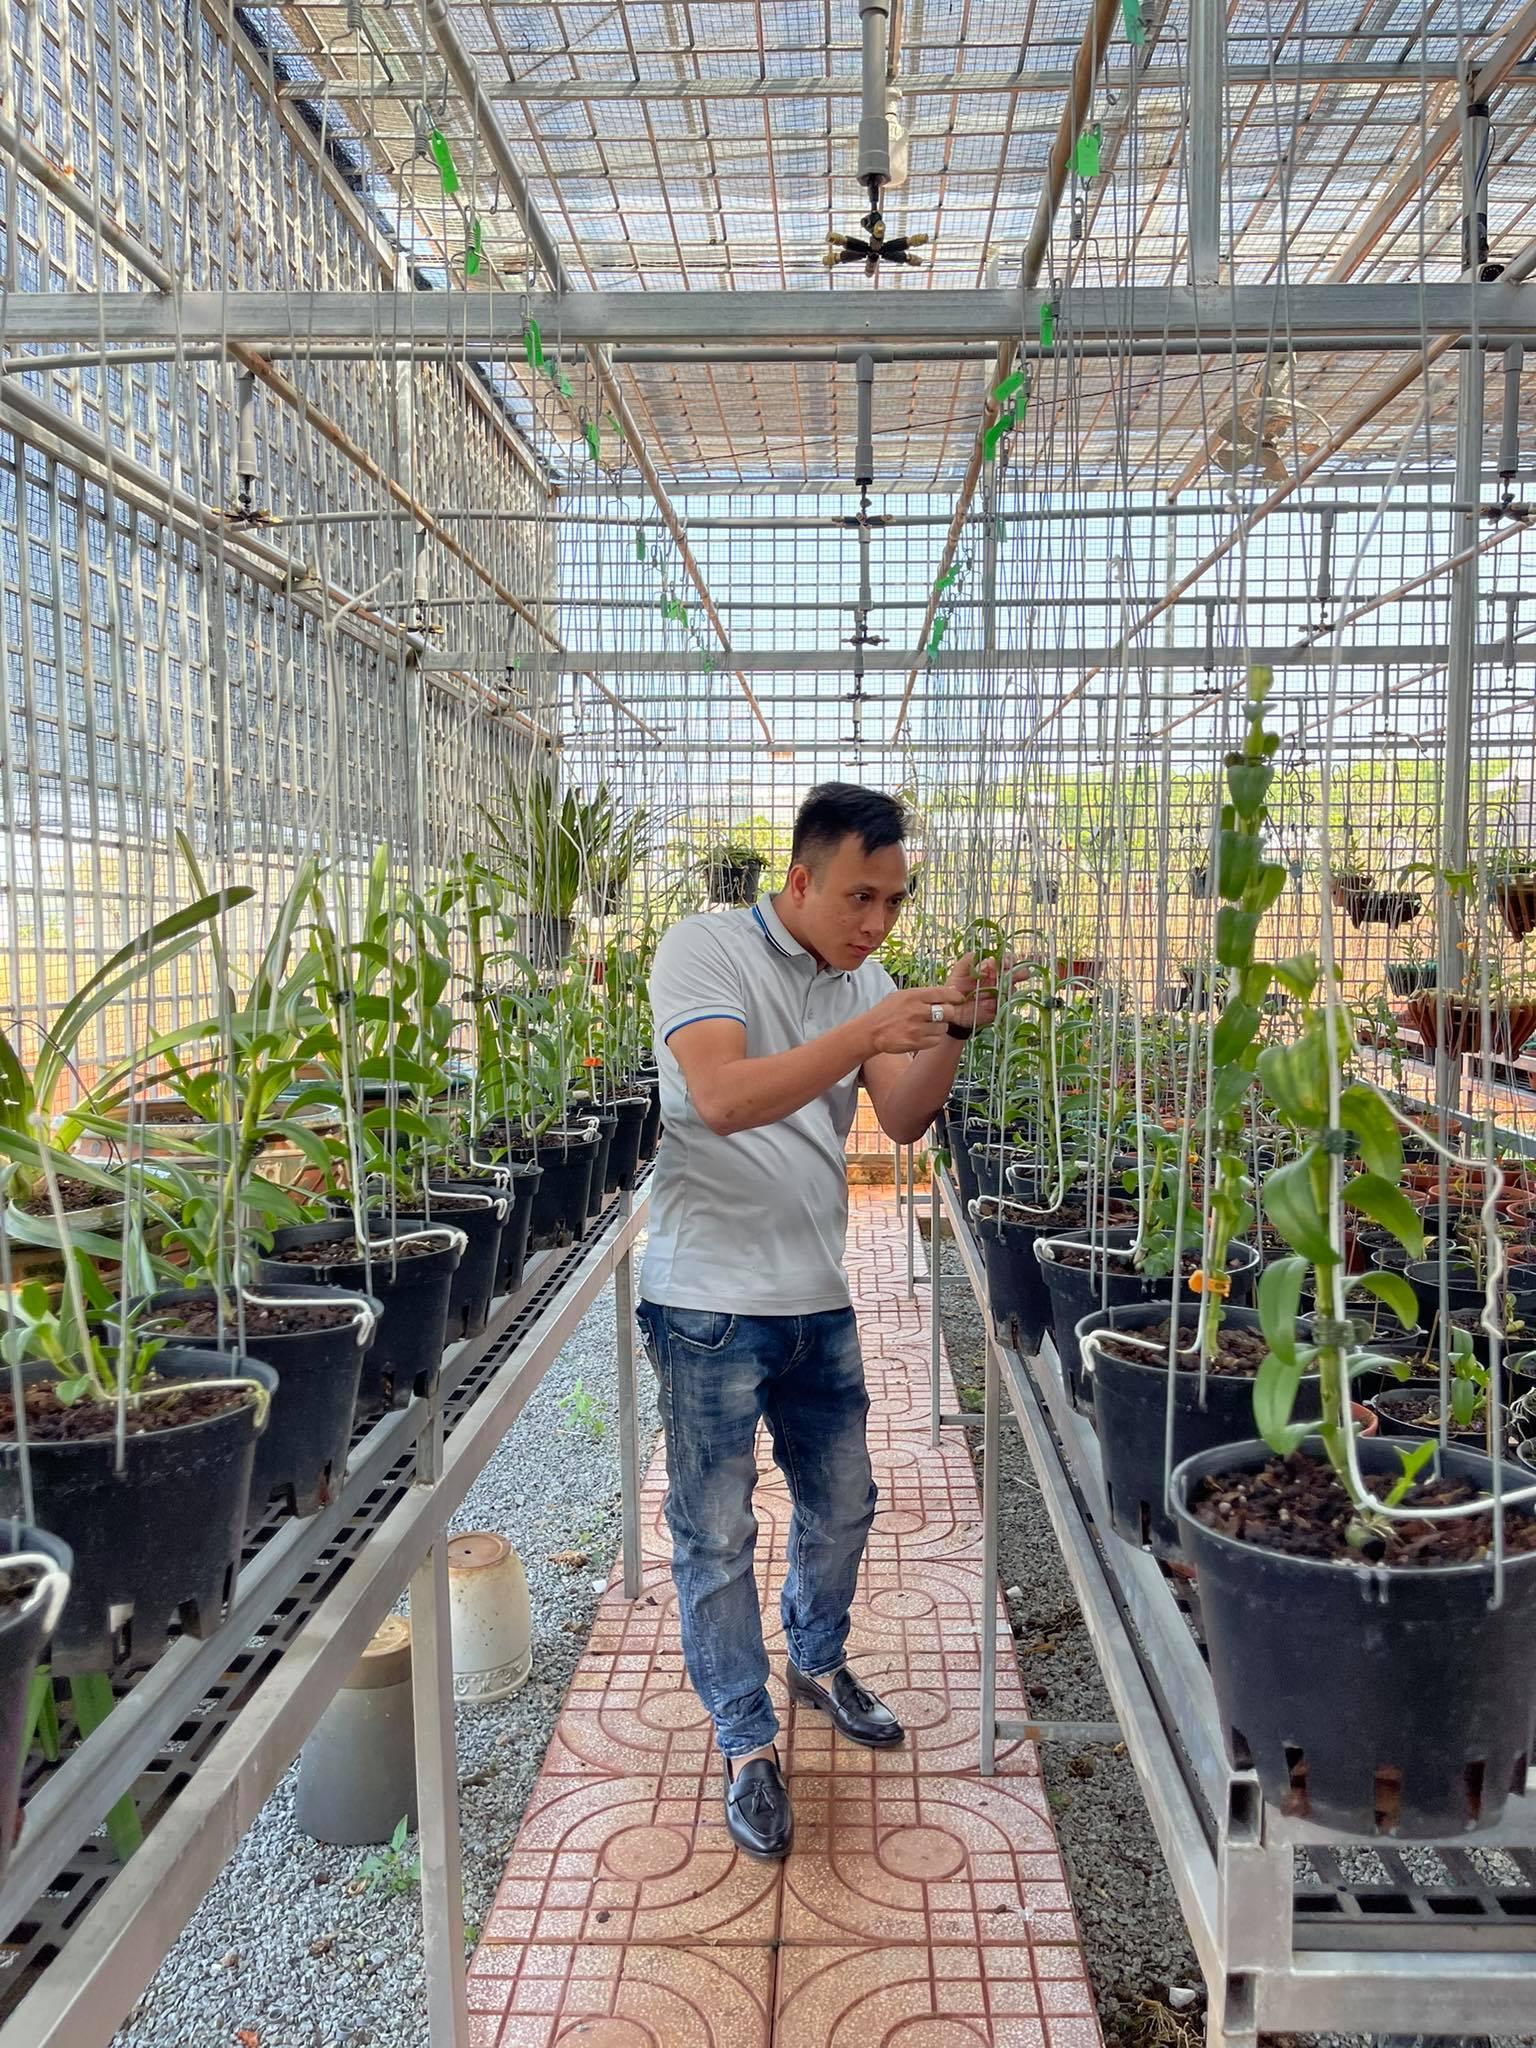 Ông chủ vườn lan Hạo Hạo và hành trình vượt lên thất bại từ hoa lan - Ảnh 2